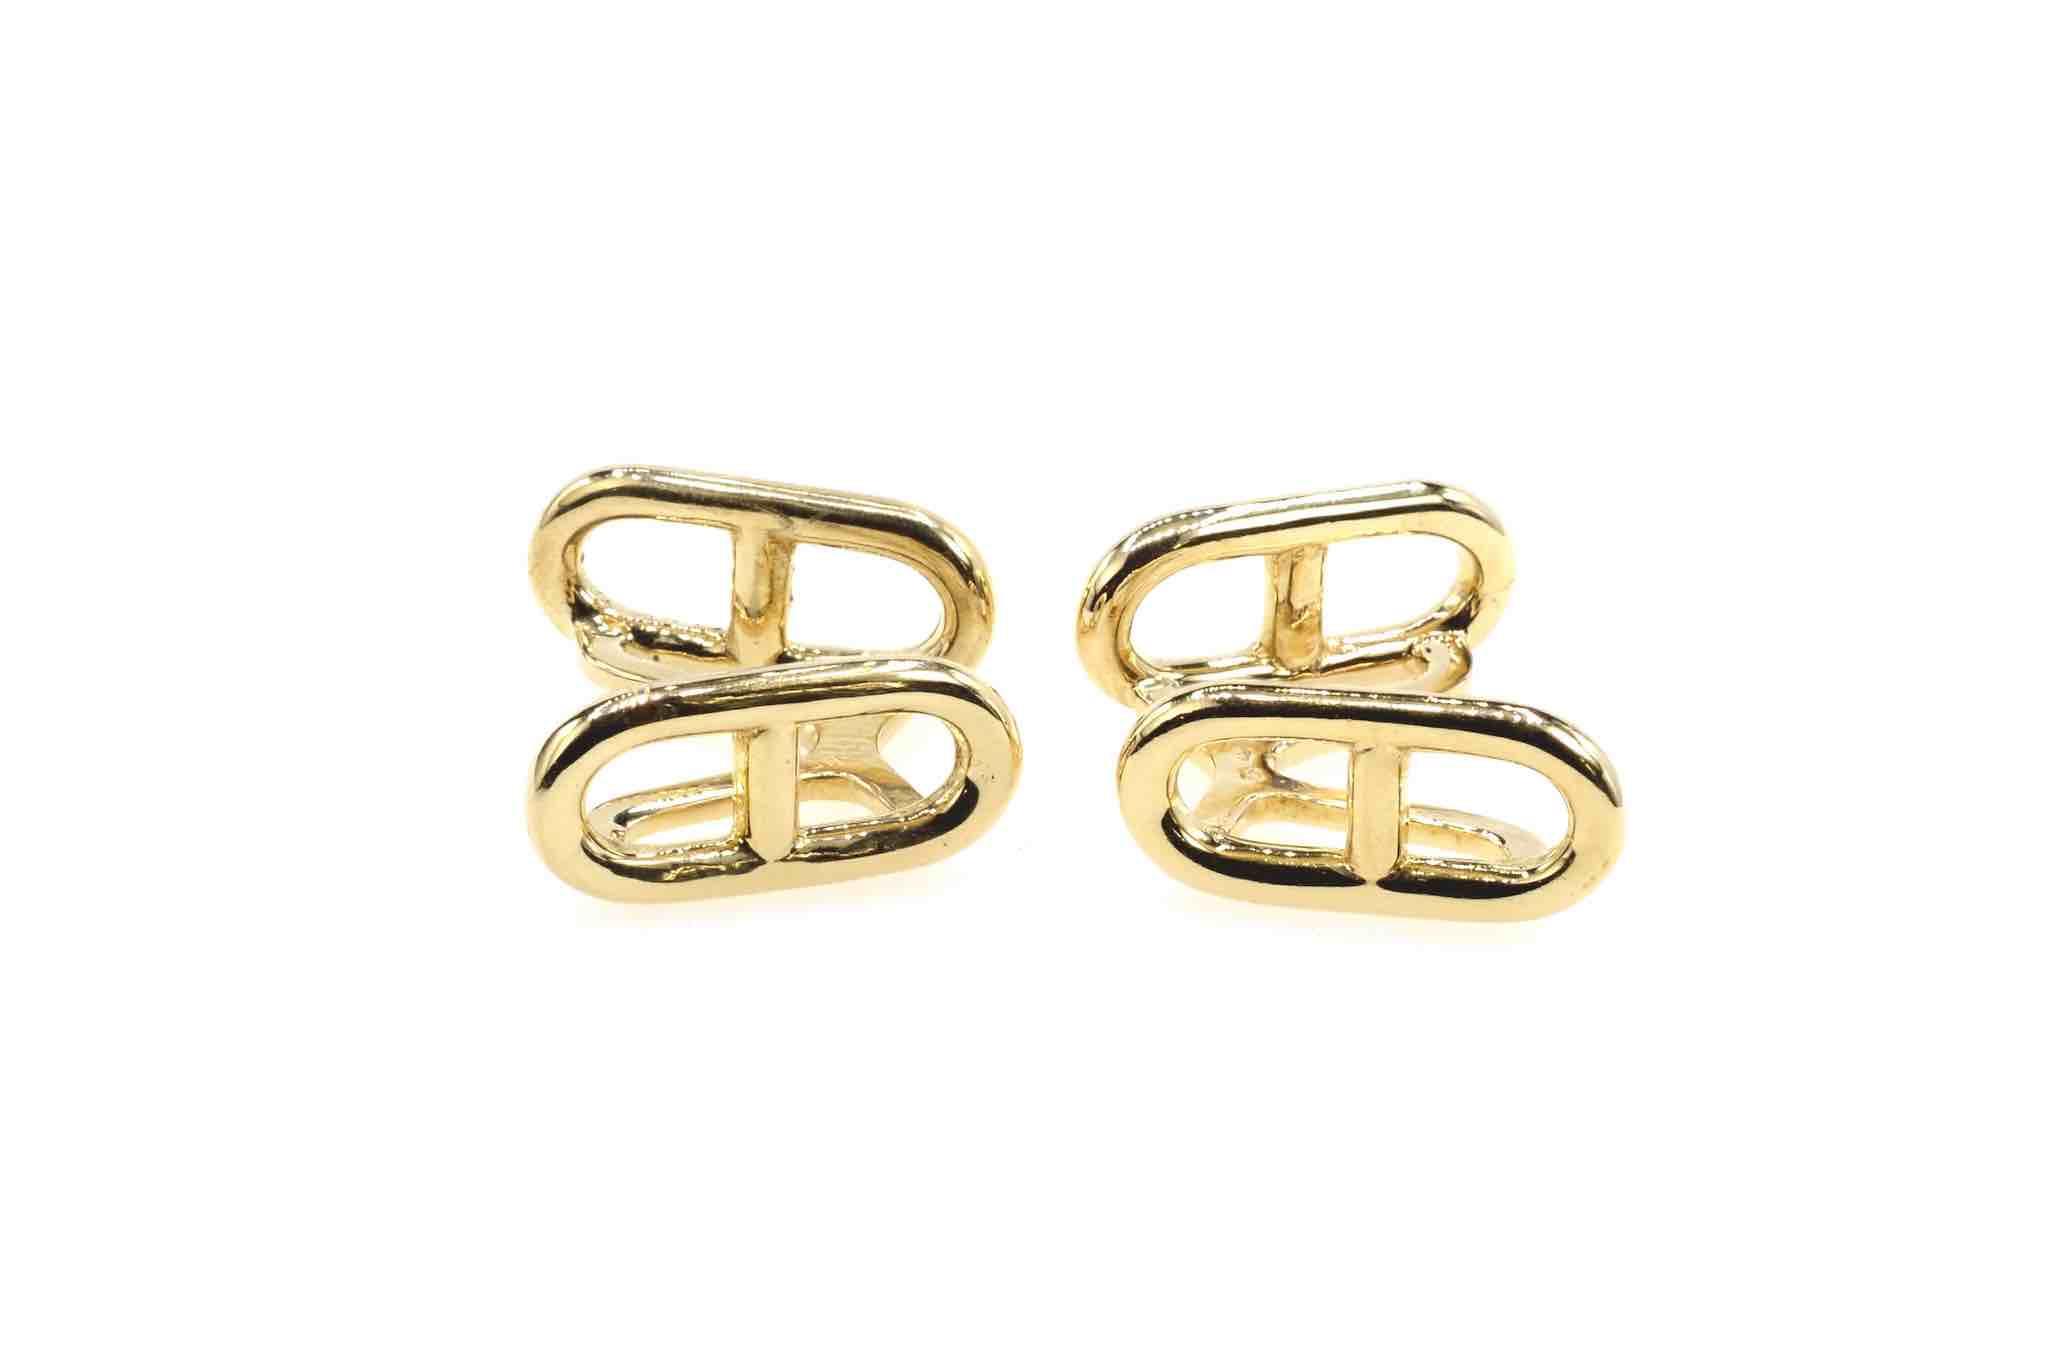 Boutons de manchette Hermès vintage